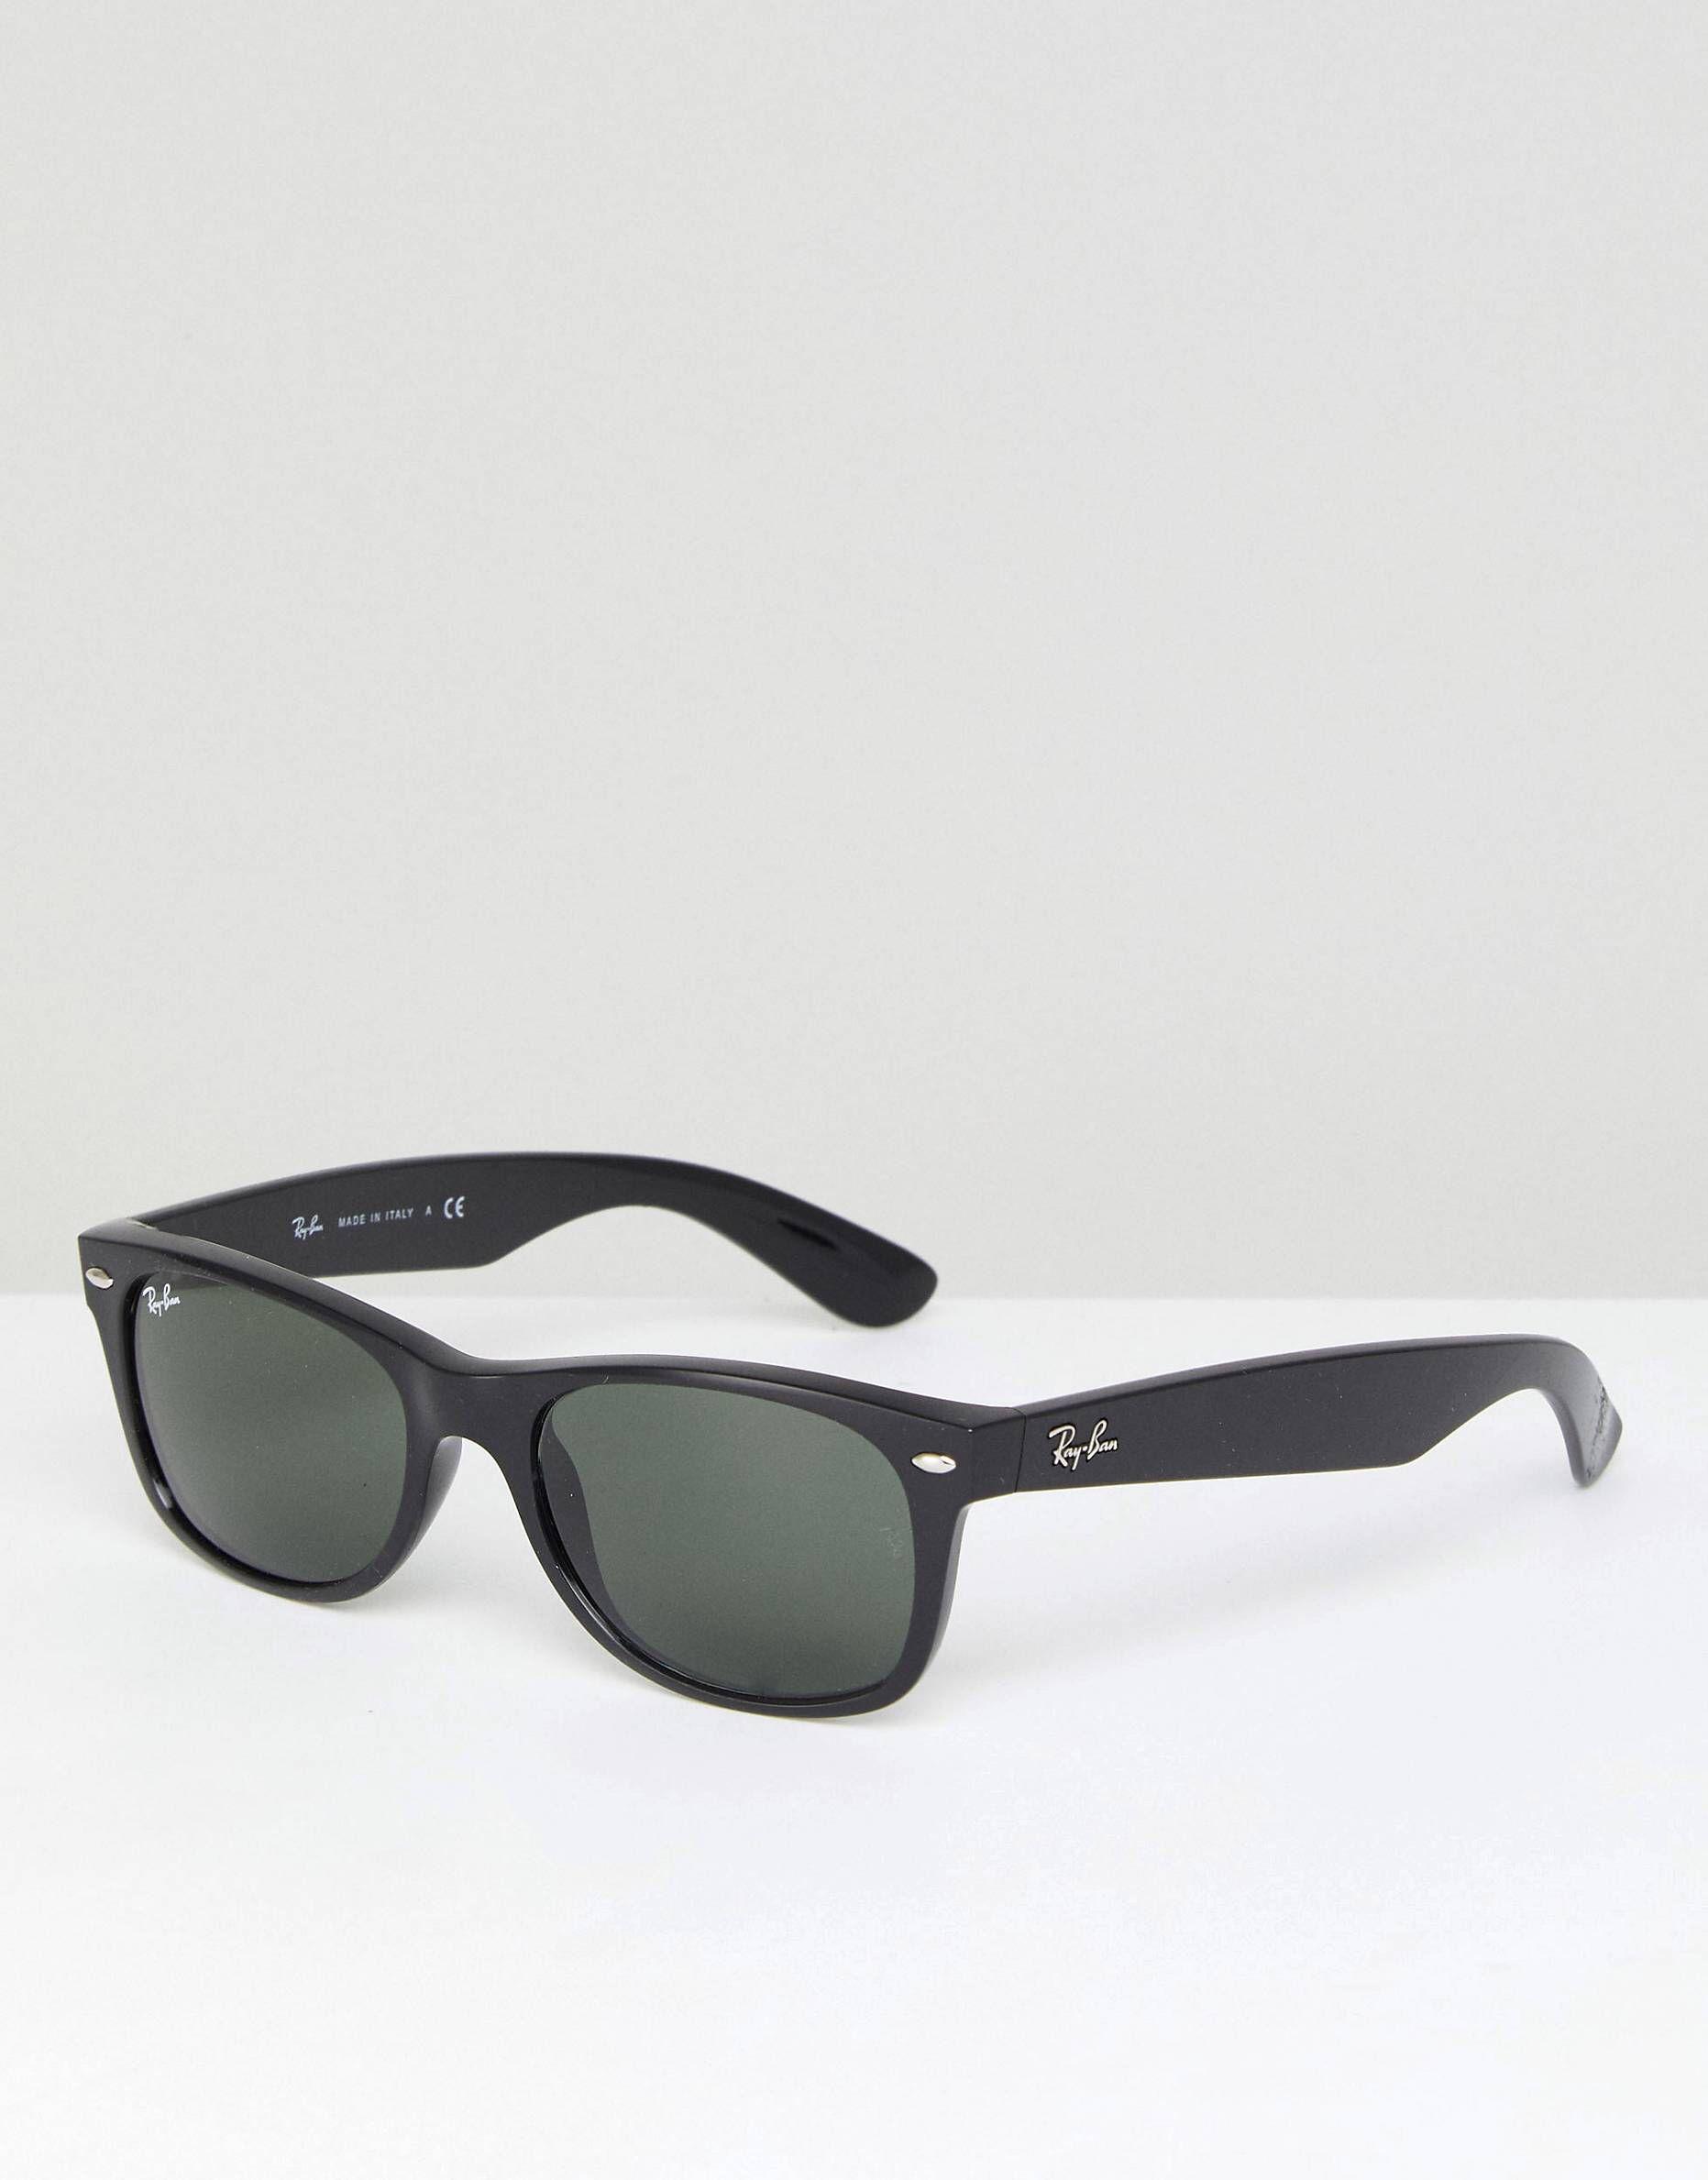 55a0e26113 Gafas de sol estilo Wayfarer 0RB2132 de Ray-Ban   Mi armario   Gafas ...